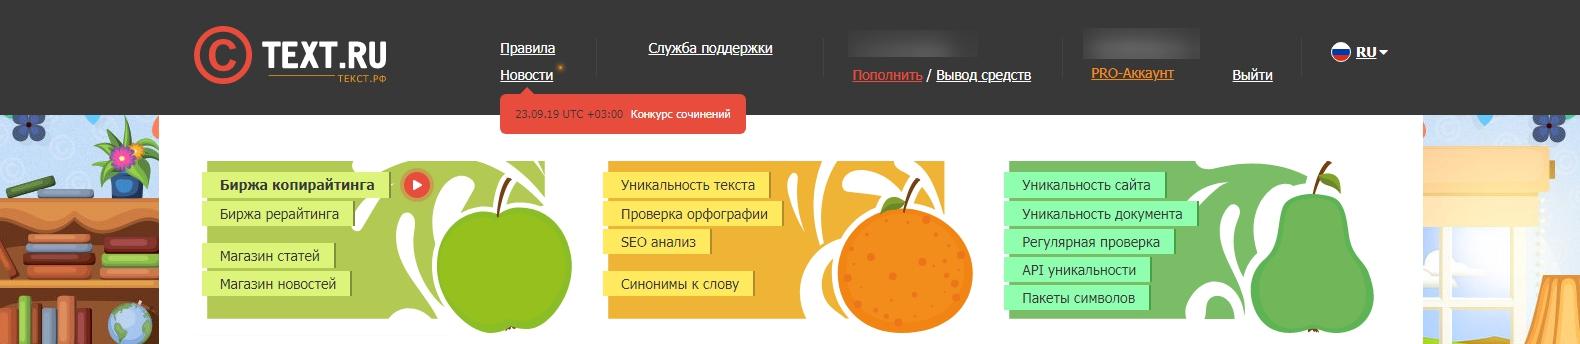 Народный рейтинг лучших бирж статей и копирайтинга Биржа Text.ru